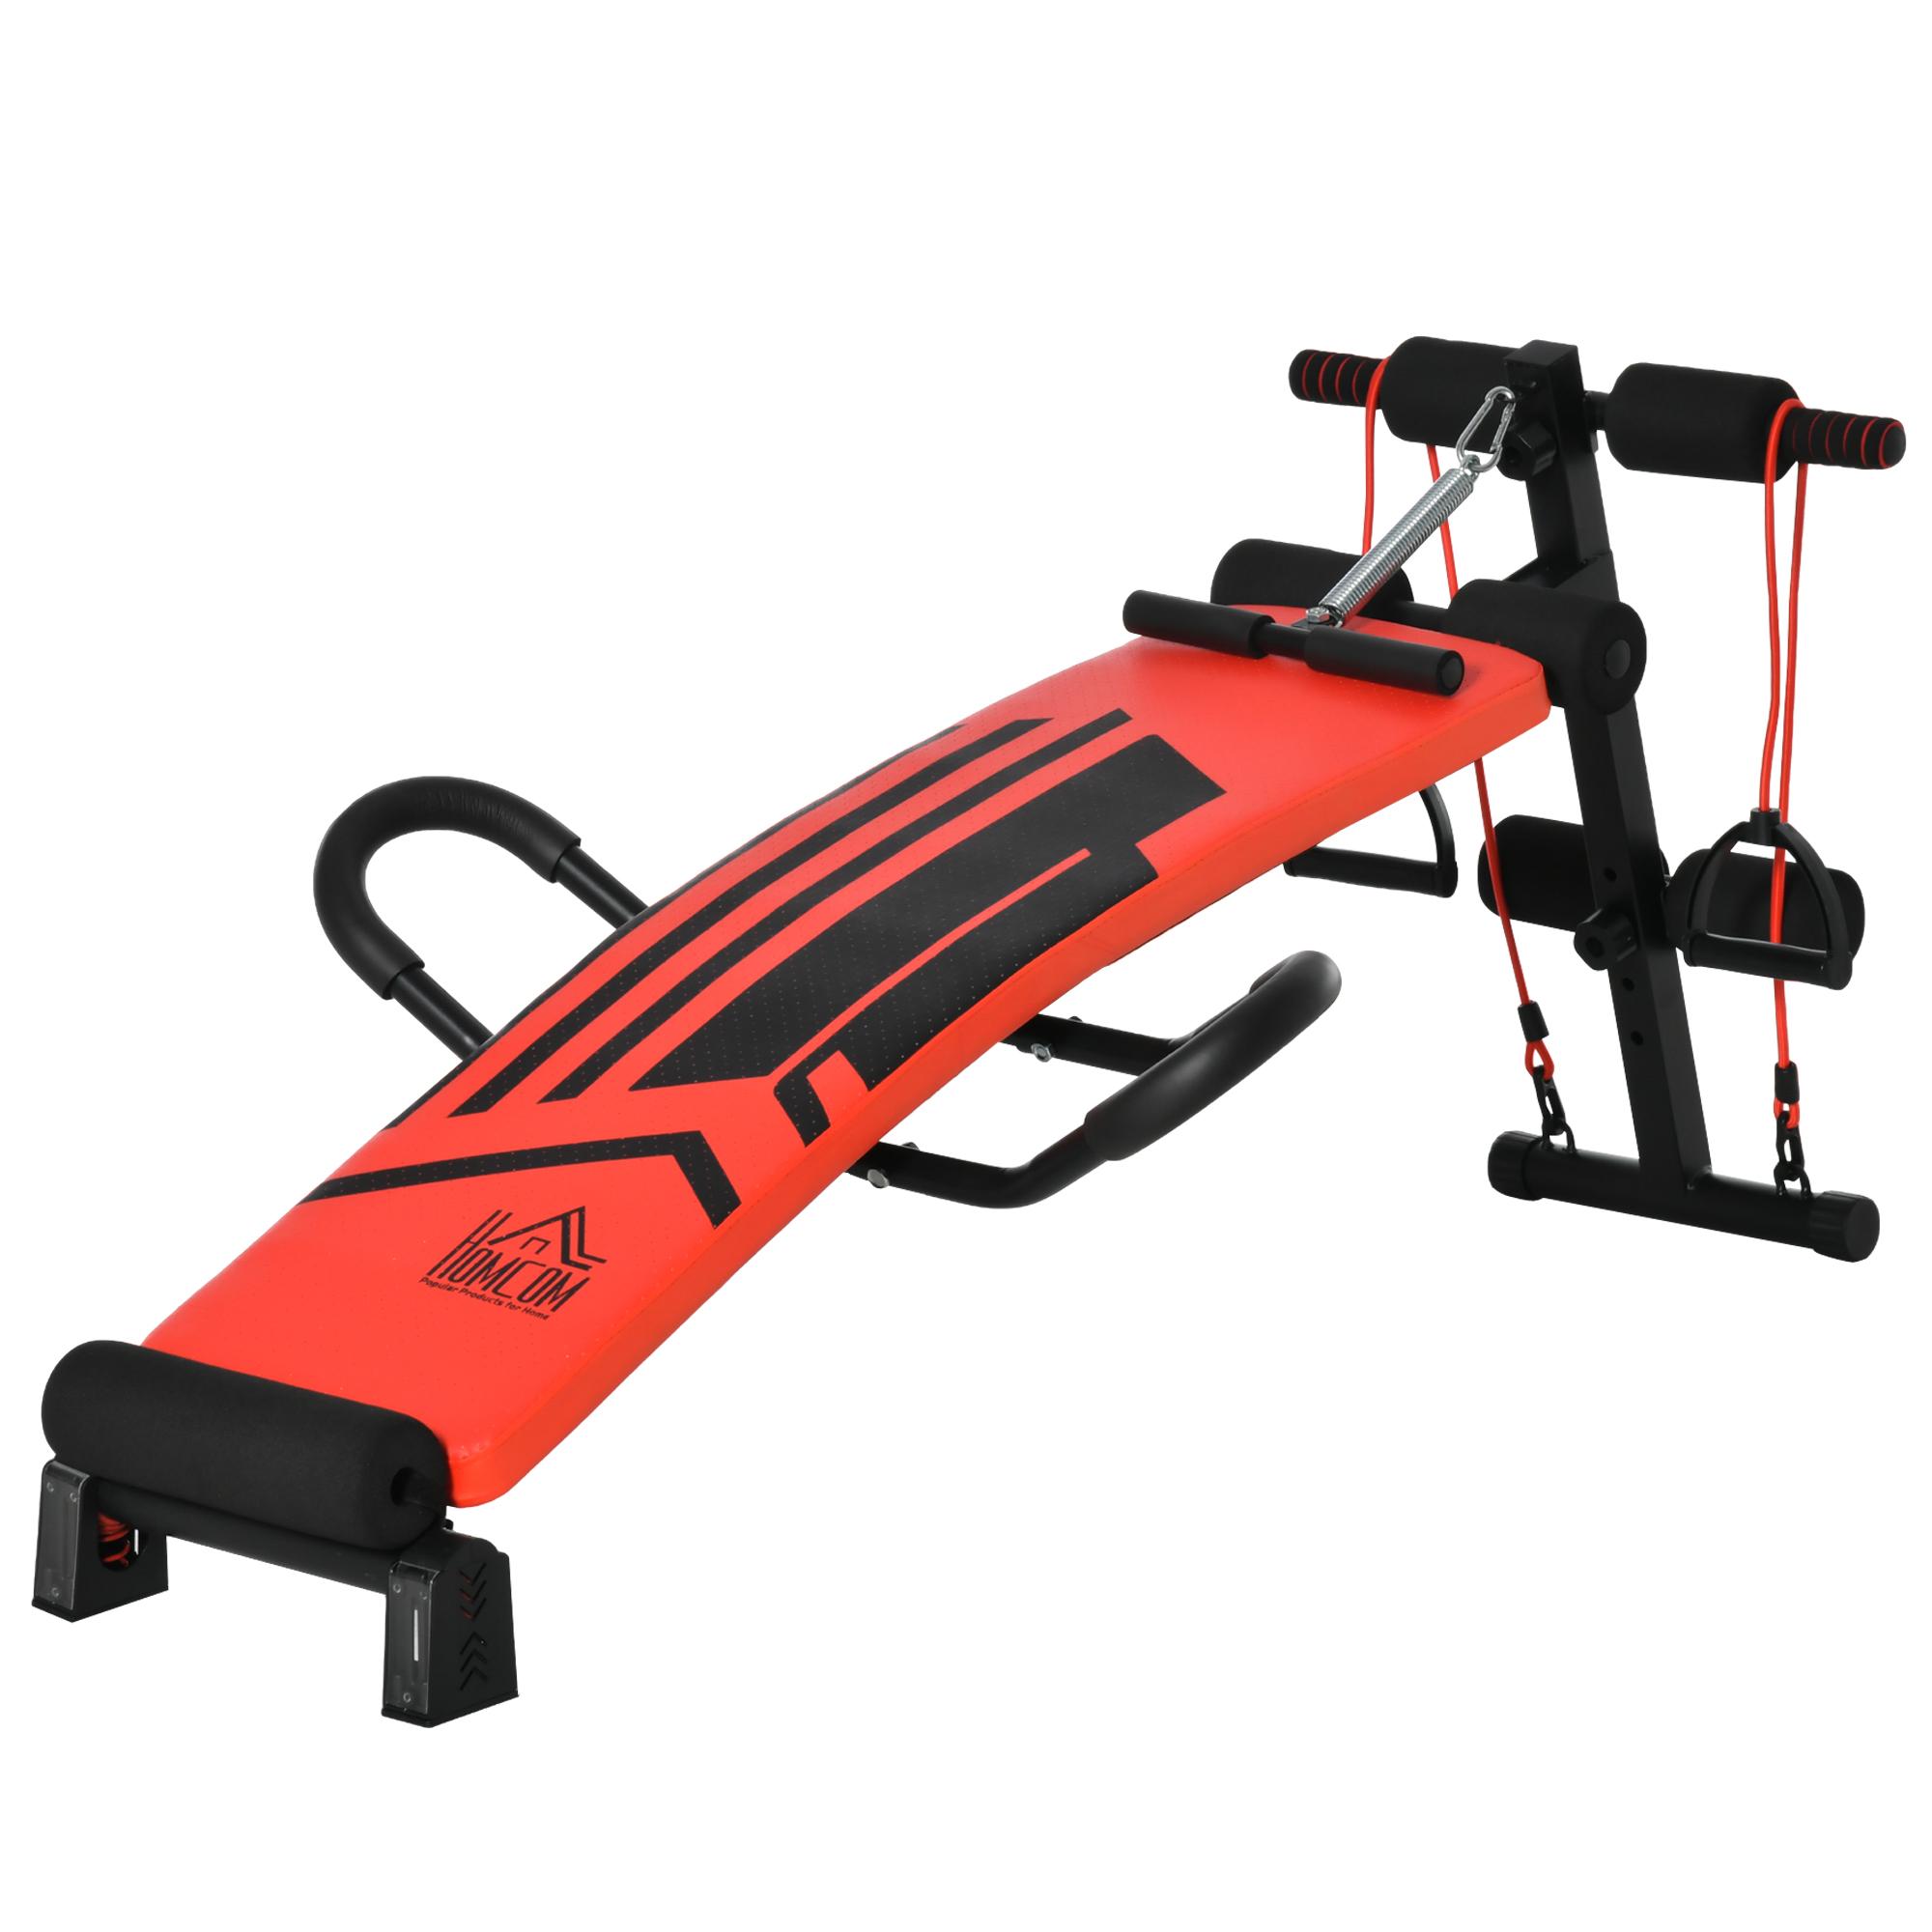 Banc de musculation entrainement complet acier PU rouge noir